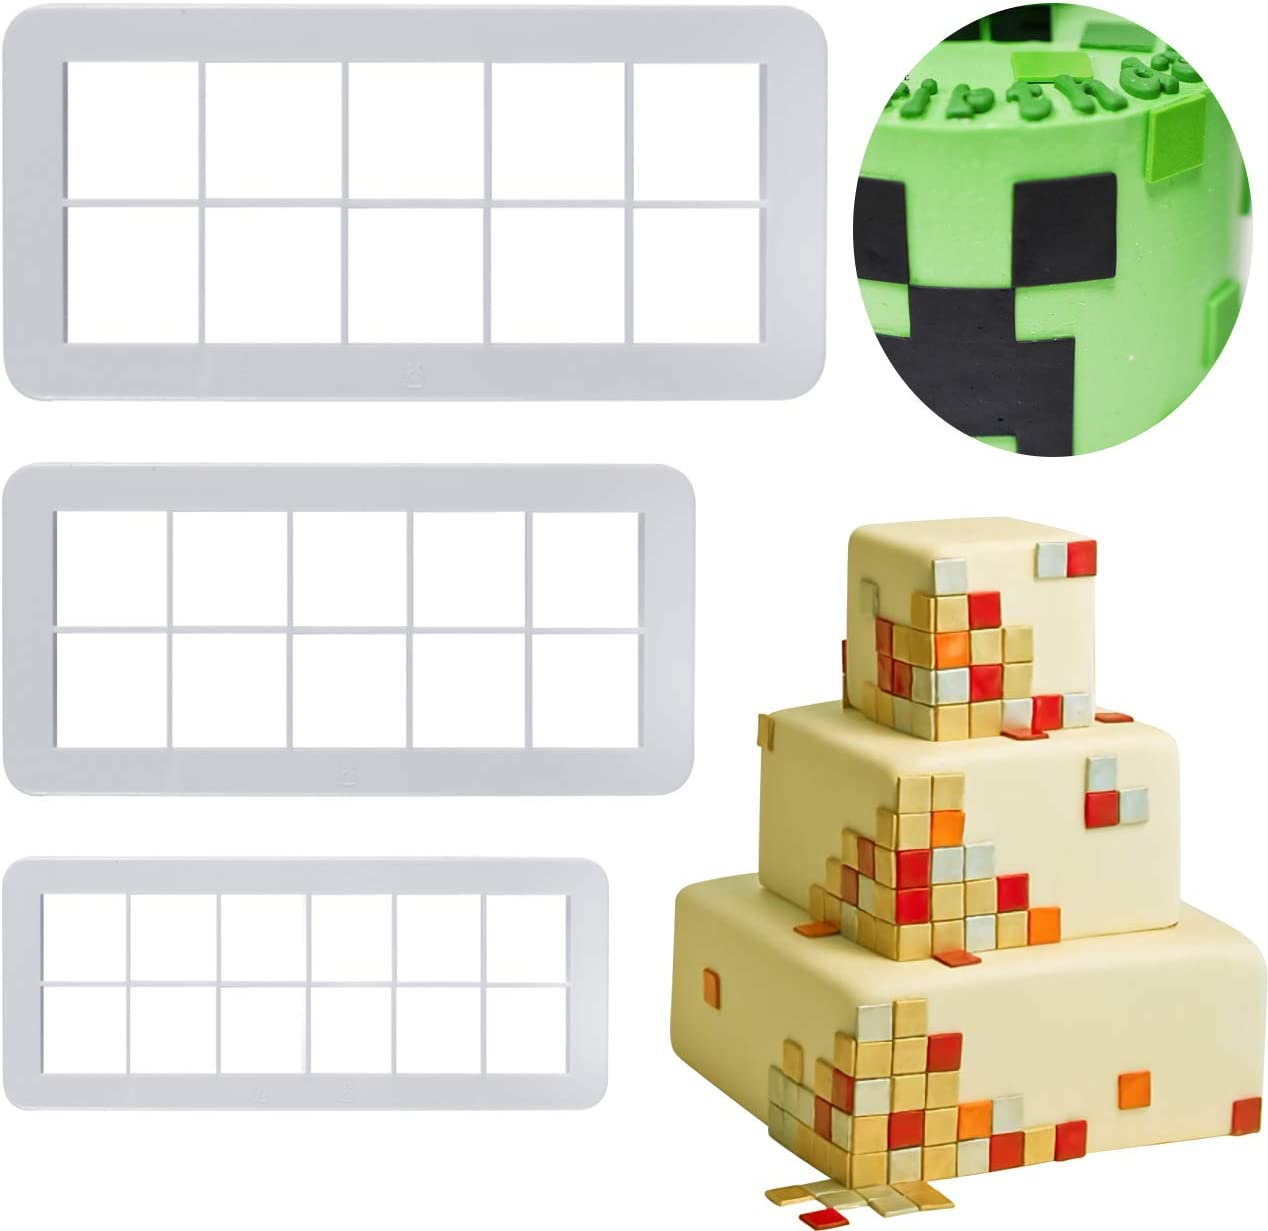 Mity Rain Square Cookie Cutter - Geometric Multicutter-Square Cake Fondant Cutter - 3 Size,Square Biscuit Cutters,Novel Creative Cake Decorating